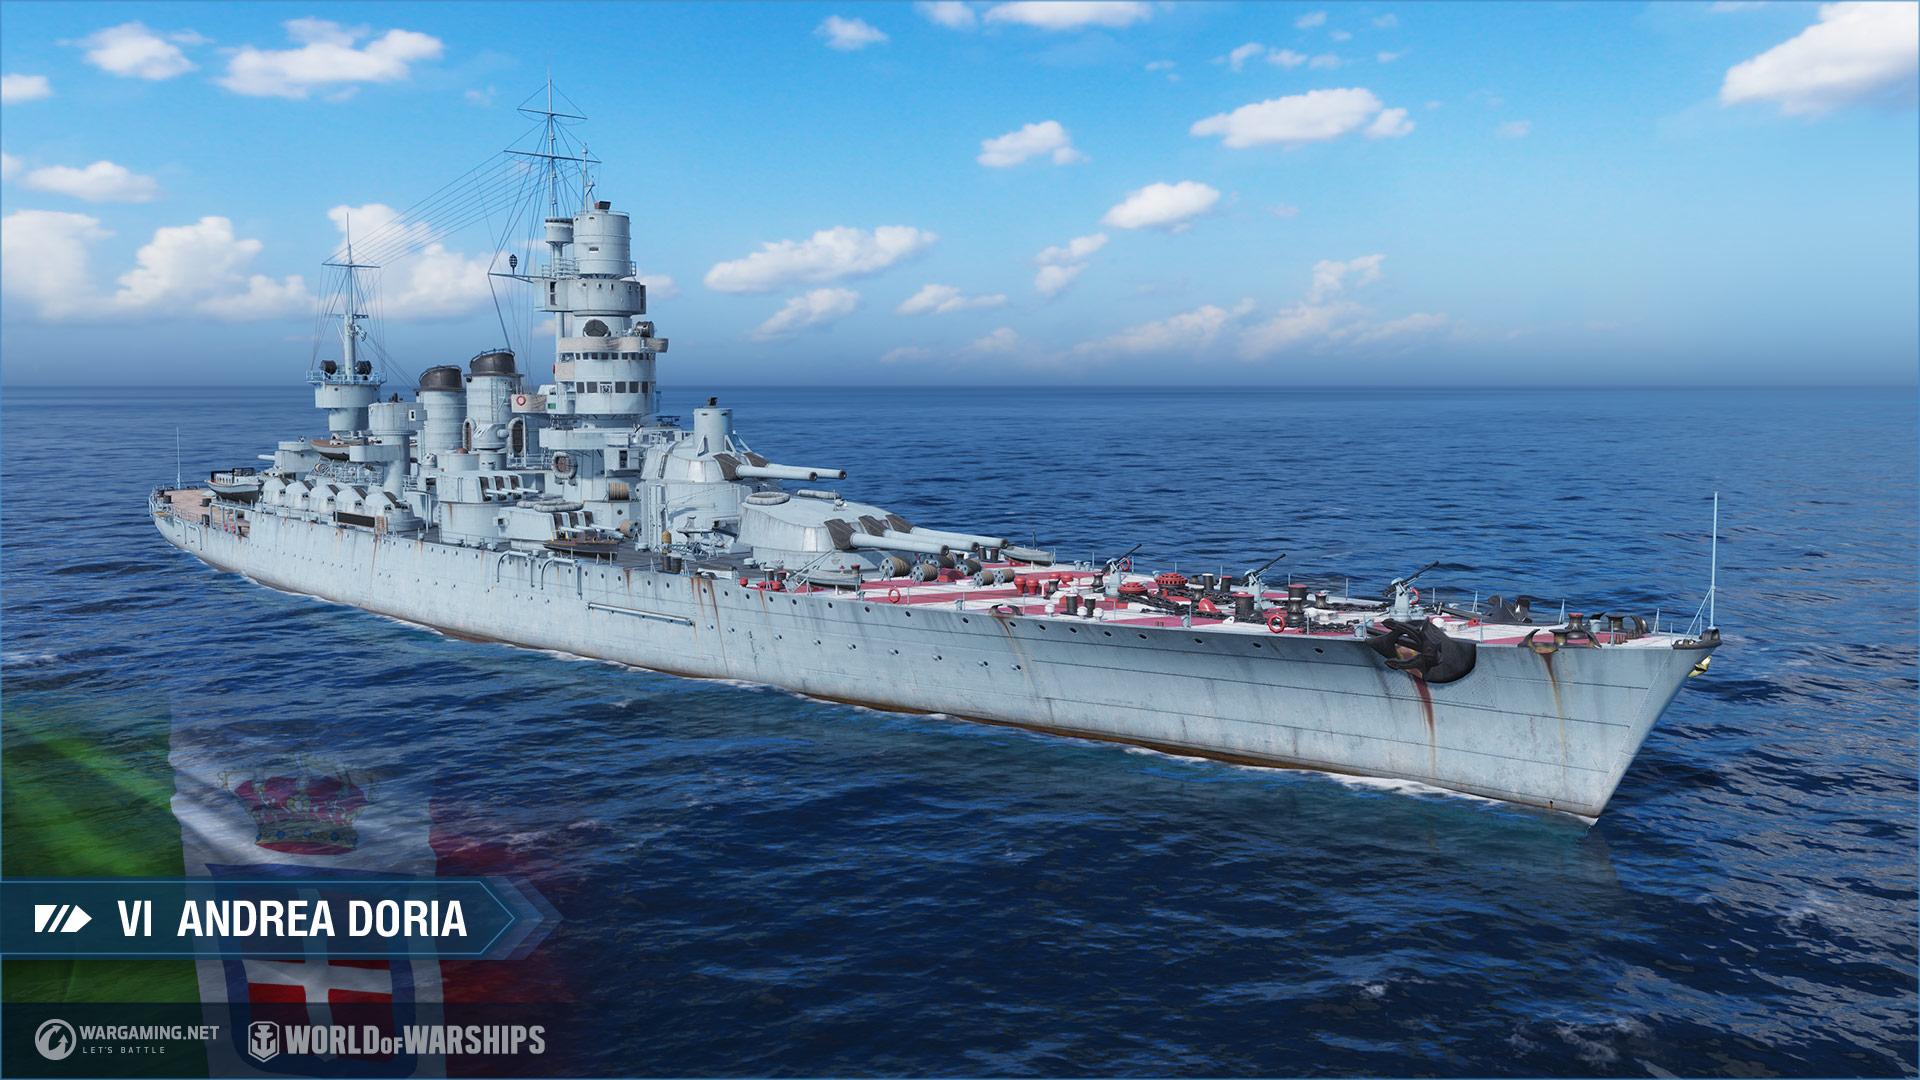 VI Andrea Doria